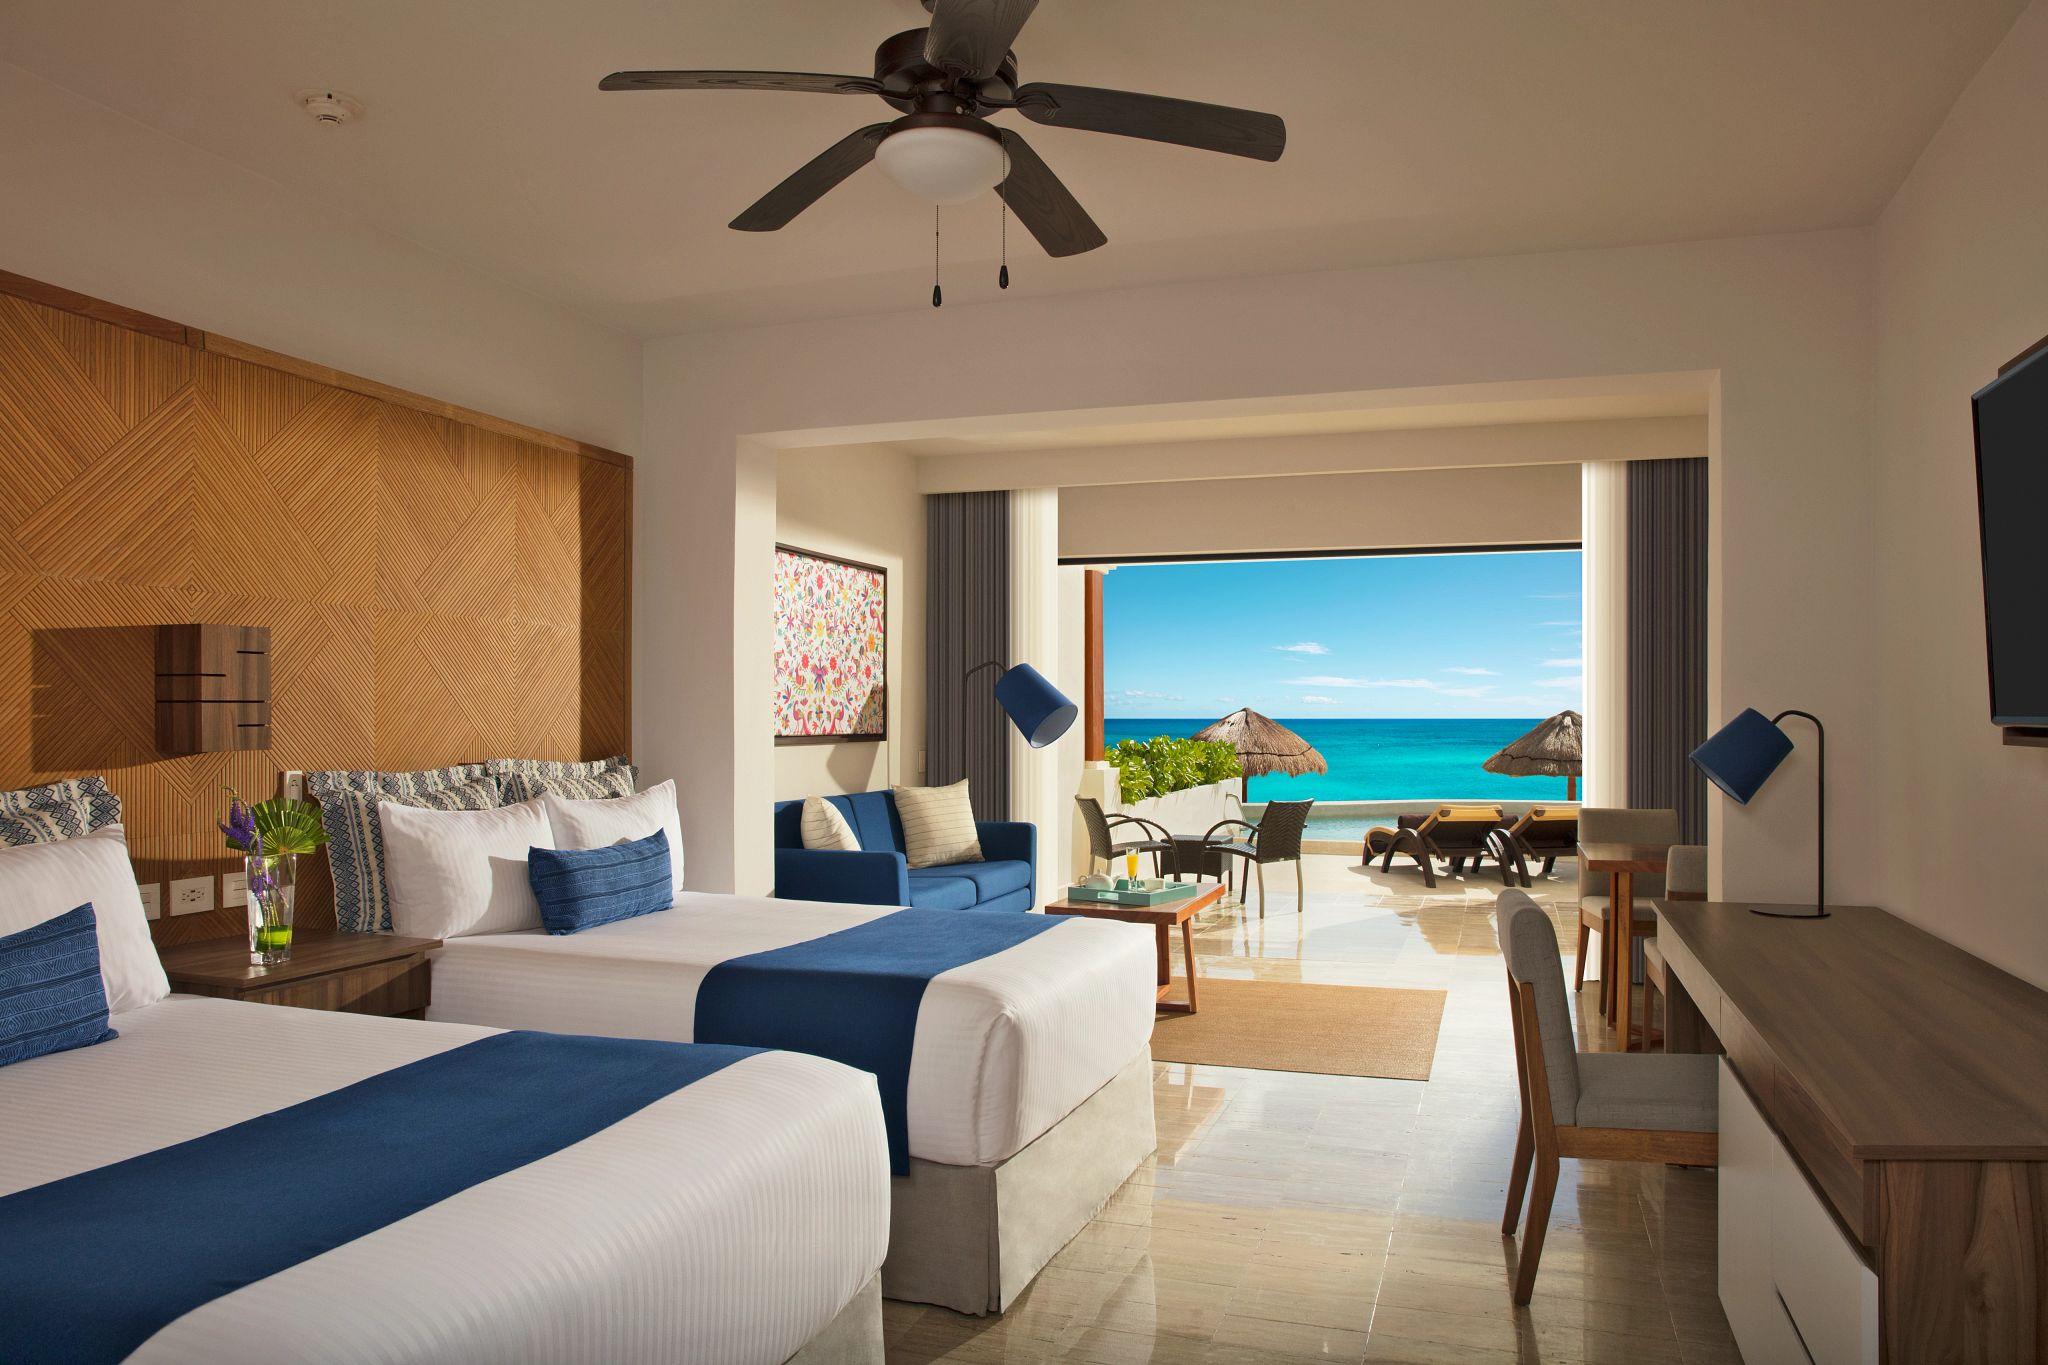 Double bed hotel room overlooking the ocean